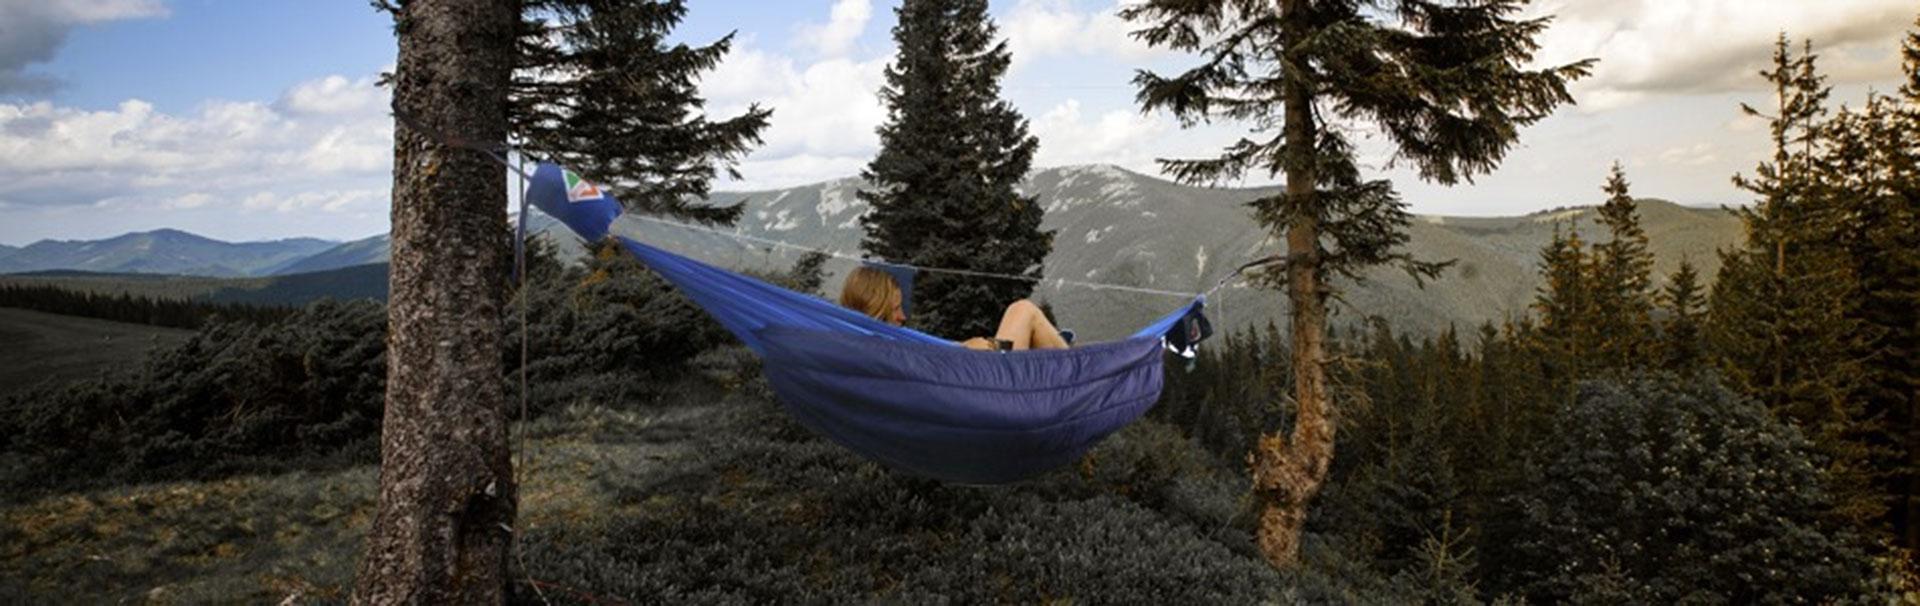 Hammocks & Camping Gear